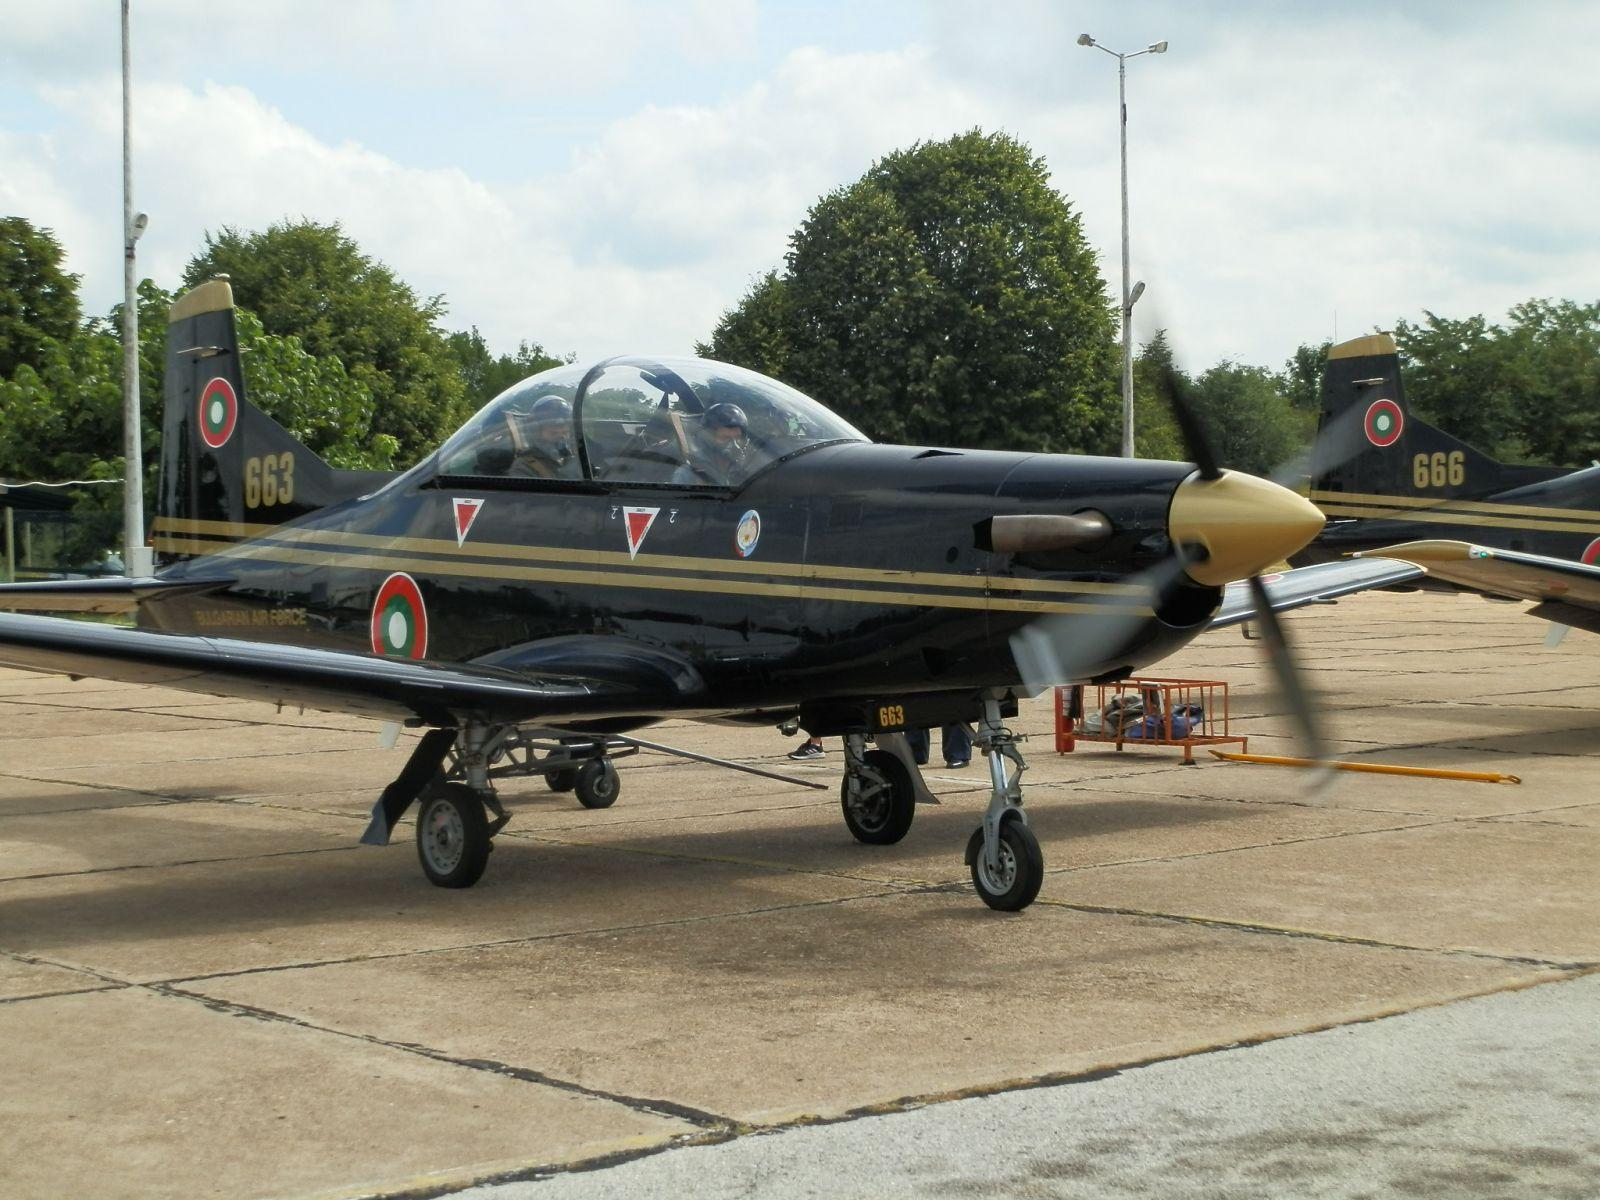 Pilatus PC-9M е най-евтиния самолет във ВВС. МиГ-29 двадесет пъти по-скъп